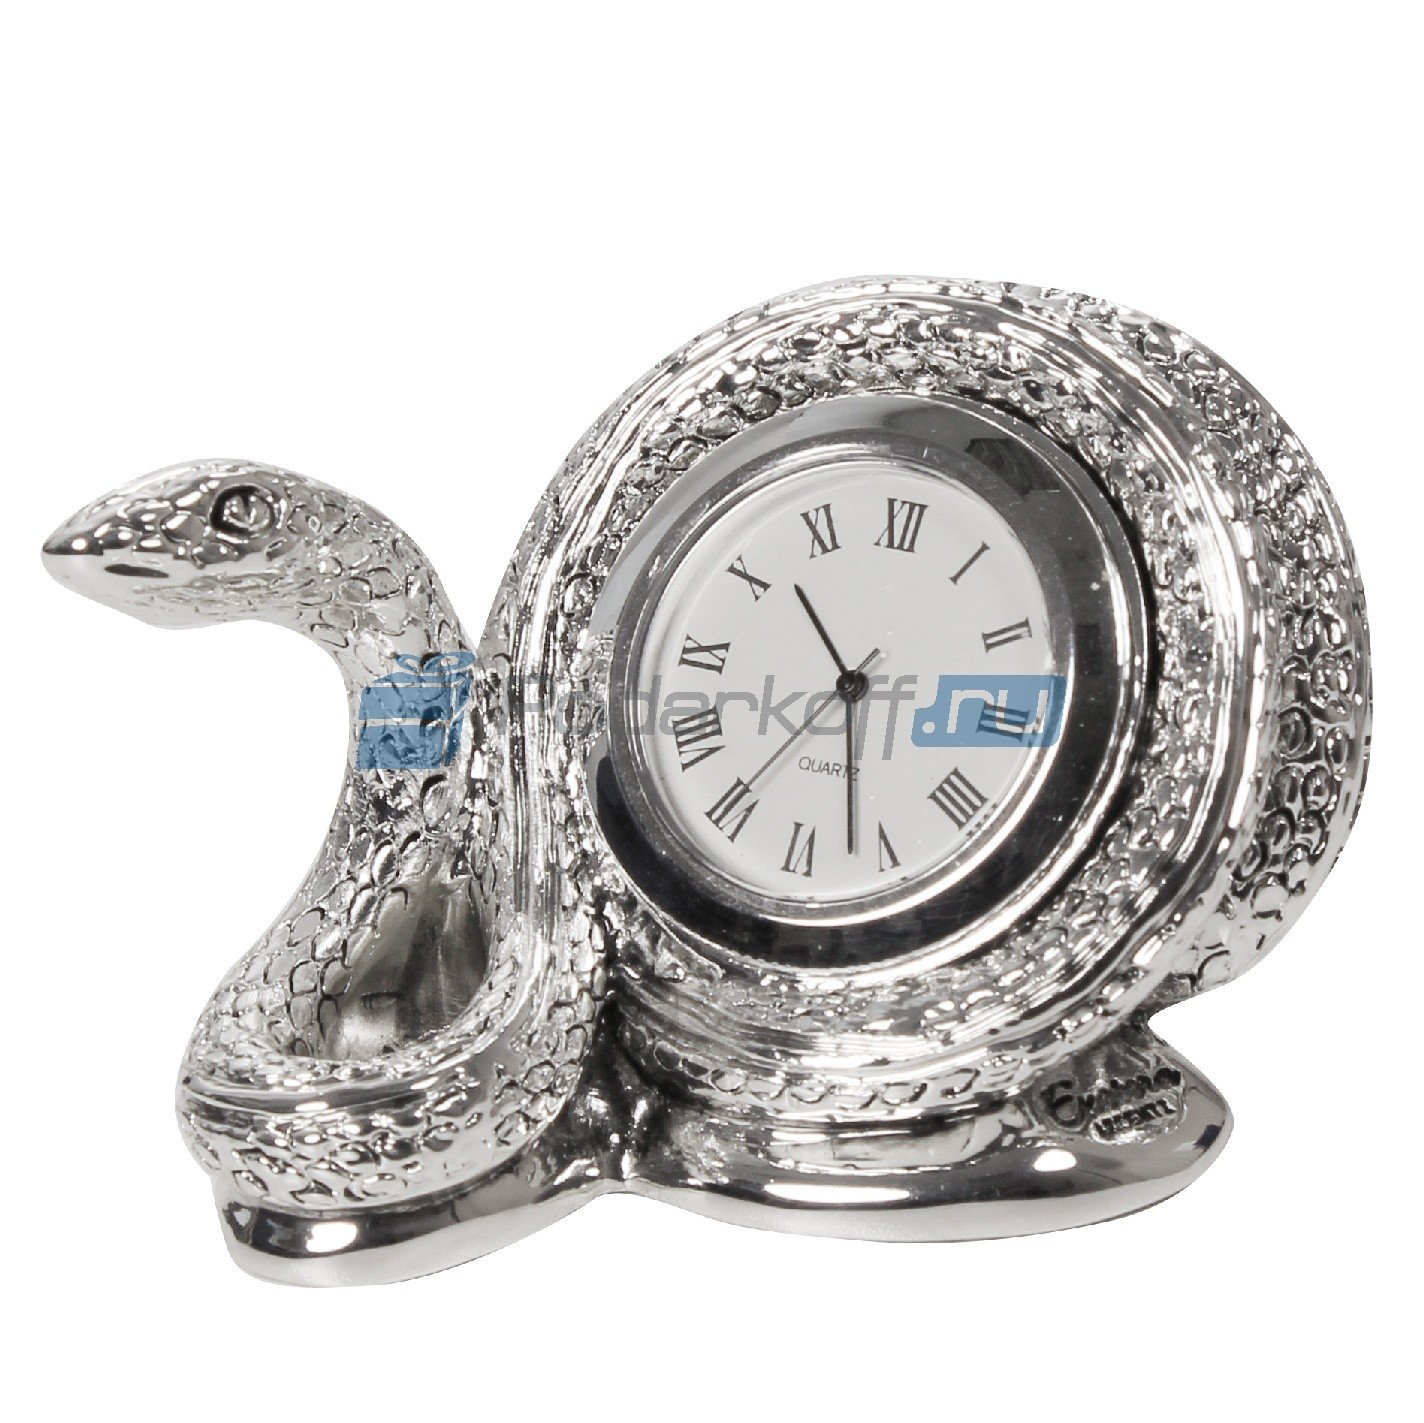 Часы с посеребрением Мудрая змея